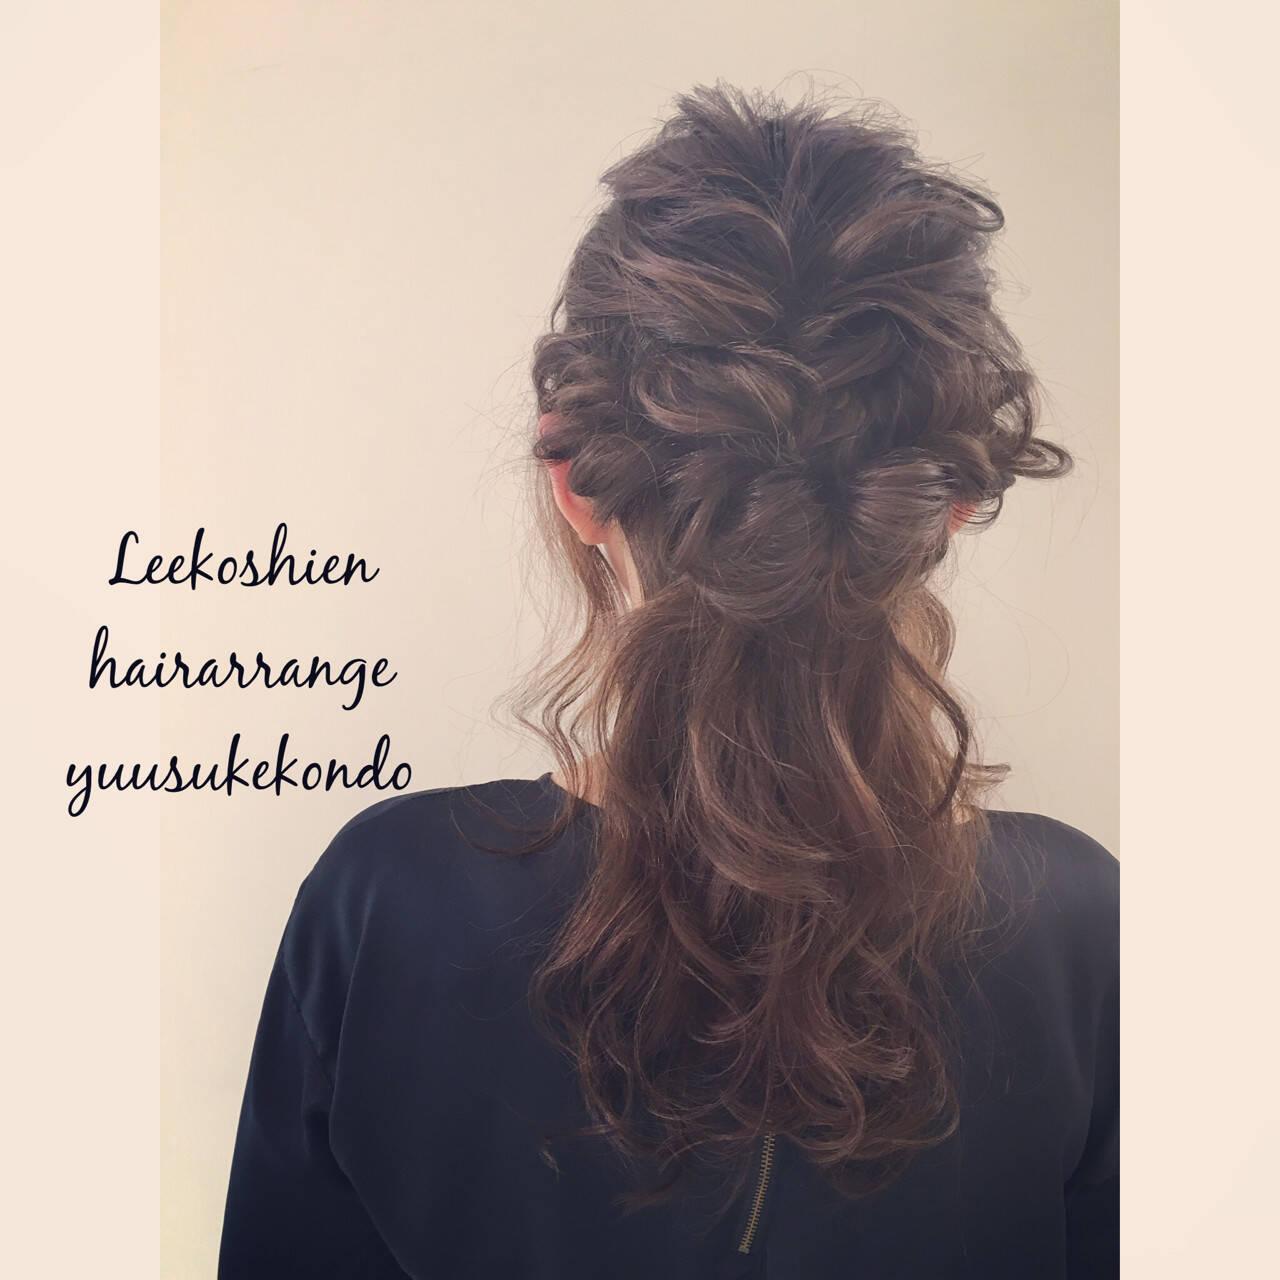 ヘアアレンジ ハーフアップ 夏 セミロングヘアスタイルや髪型の写真・画像